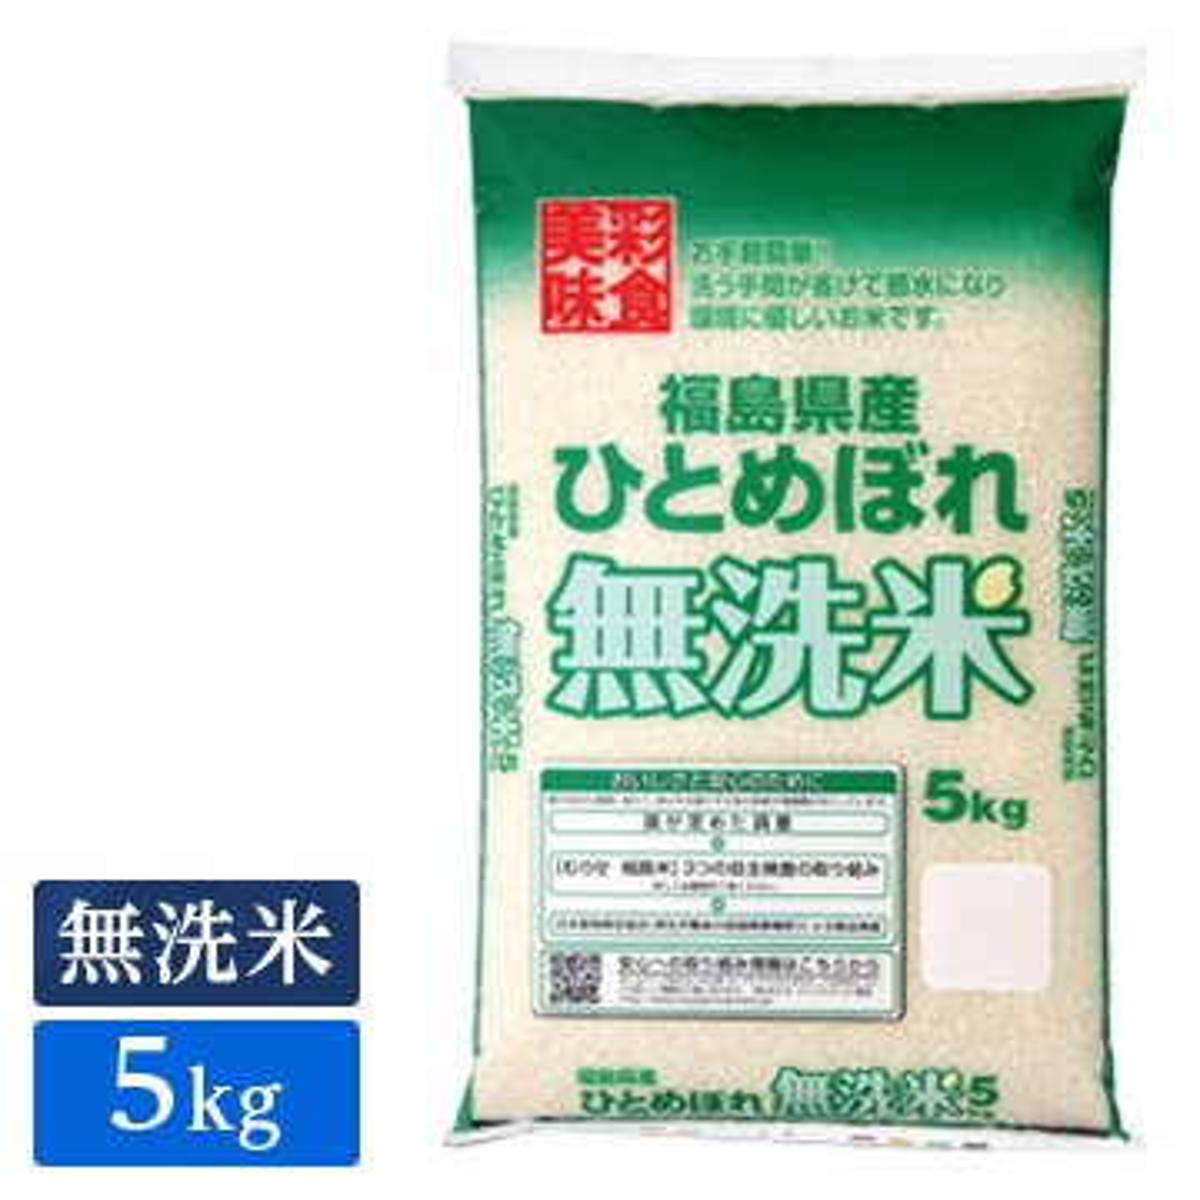 むらせライス ■【精米】【無洗米】【新米】令和元年産 福島ひとめぼれ 5kg 21965